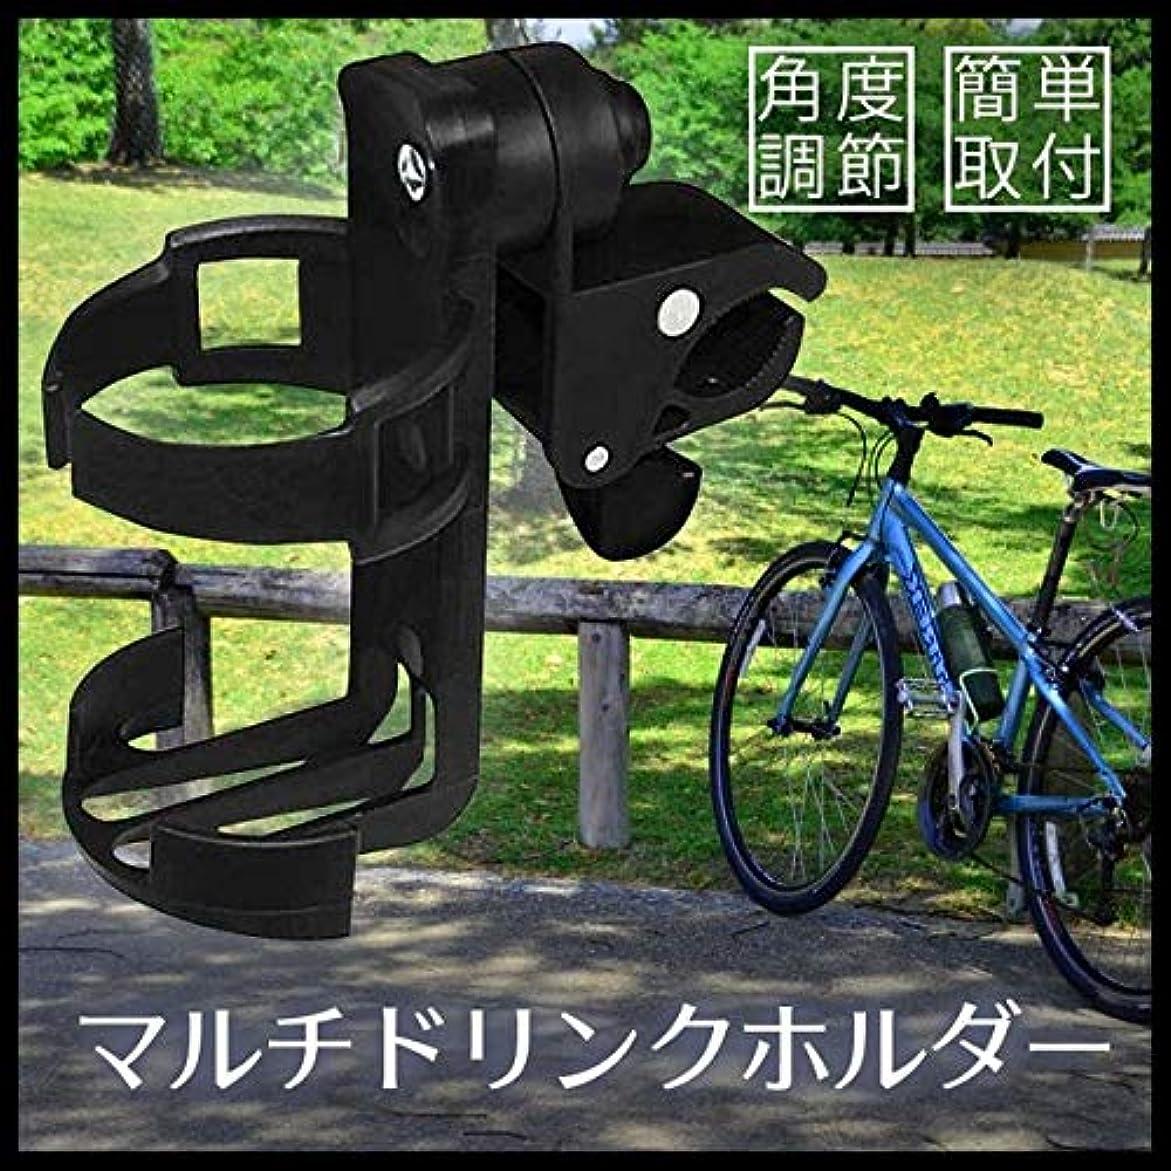 パニック実行する消費するドリンクホルダー 自転車 ボトルケージ サドル ハンドル ペットボトル 飲み物 ドリンク ベビーカー 紙コップ 簡単 装着 角度 調整 便利用品